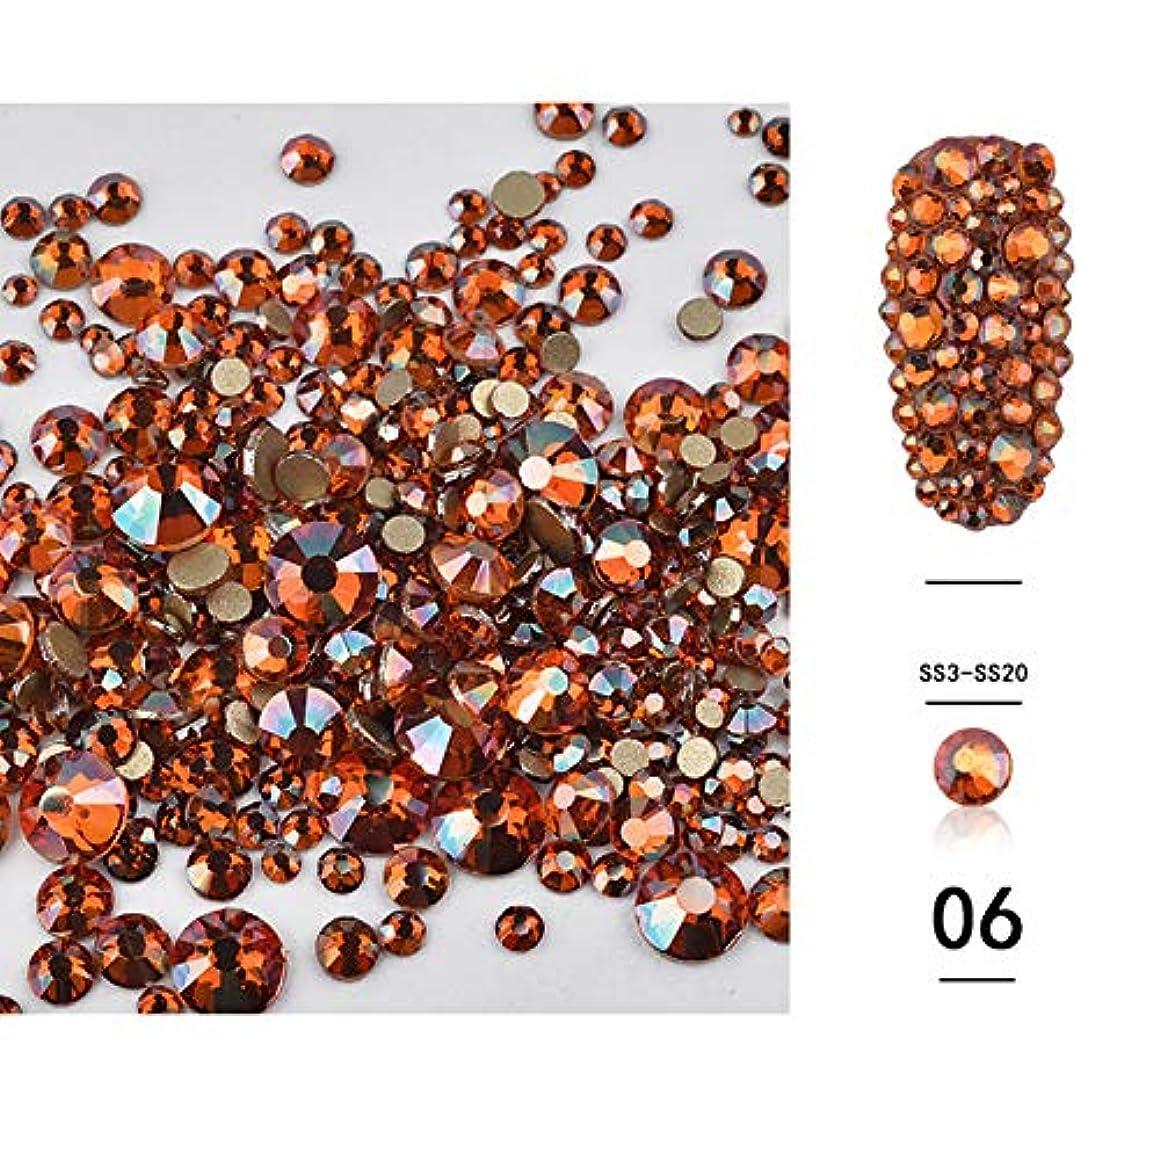 邪悪なまとめる記憶に残る(1440pcsのパック)ネイルアートラインストーン3DデコレーションフラットボトムダイヤモンドシャイニーABクリスタル混合サイズDIYアクセサリー